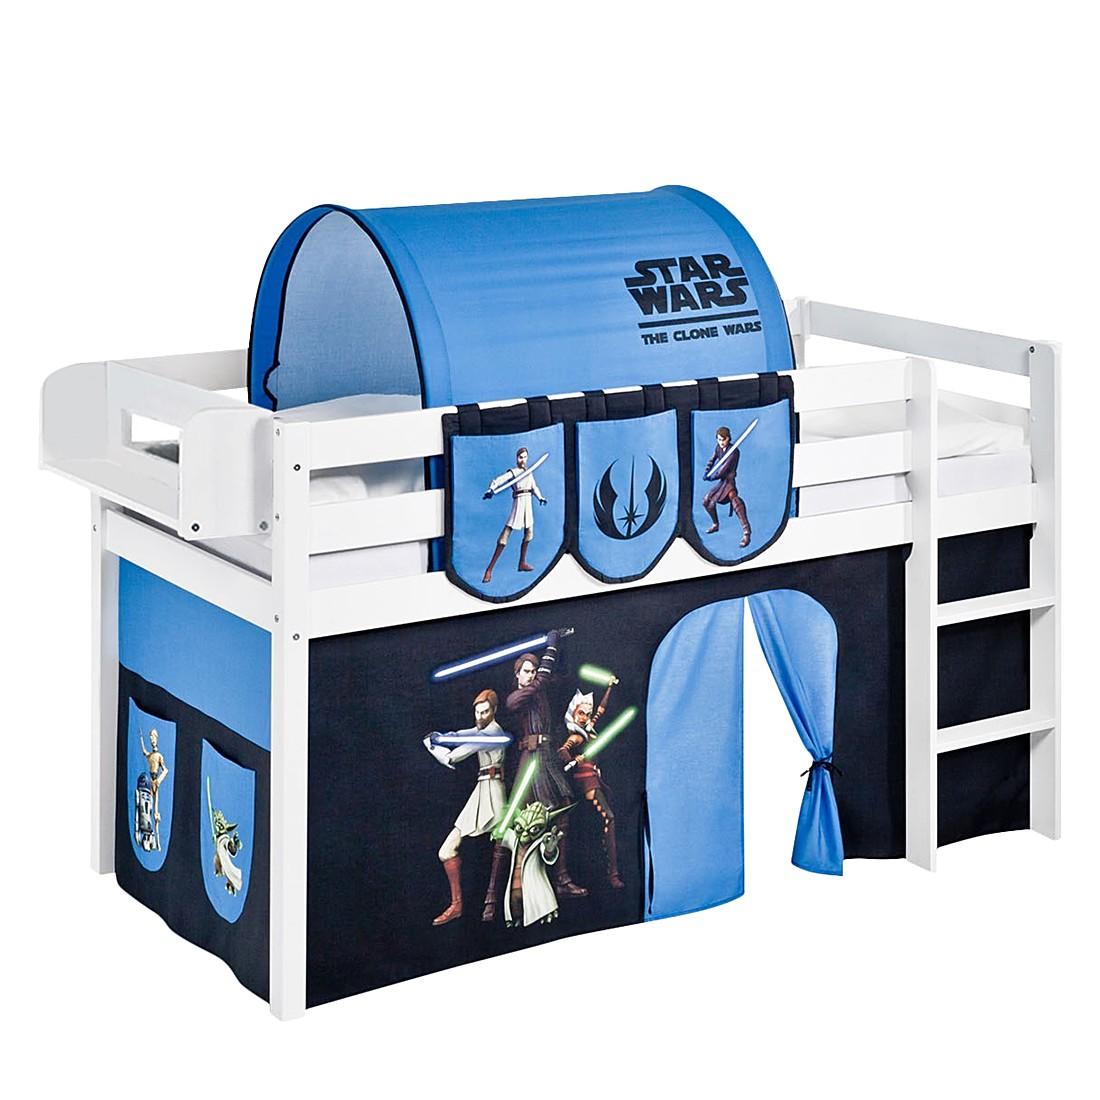 Lit mezzanine ludique JELLE Star Wars the Clone Wars - Avec rideaux - Blanc, Lilokids